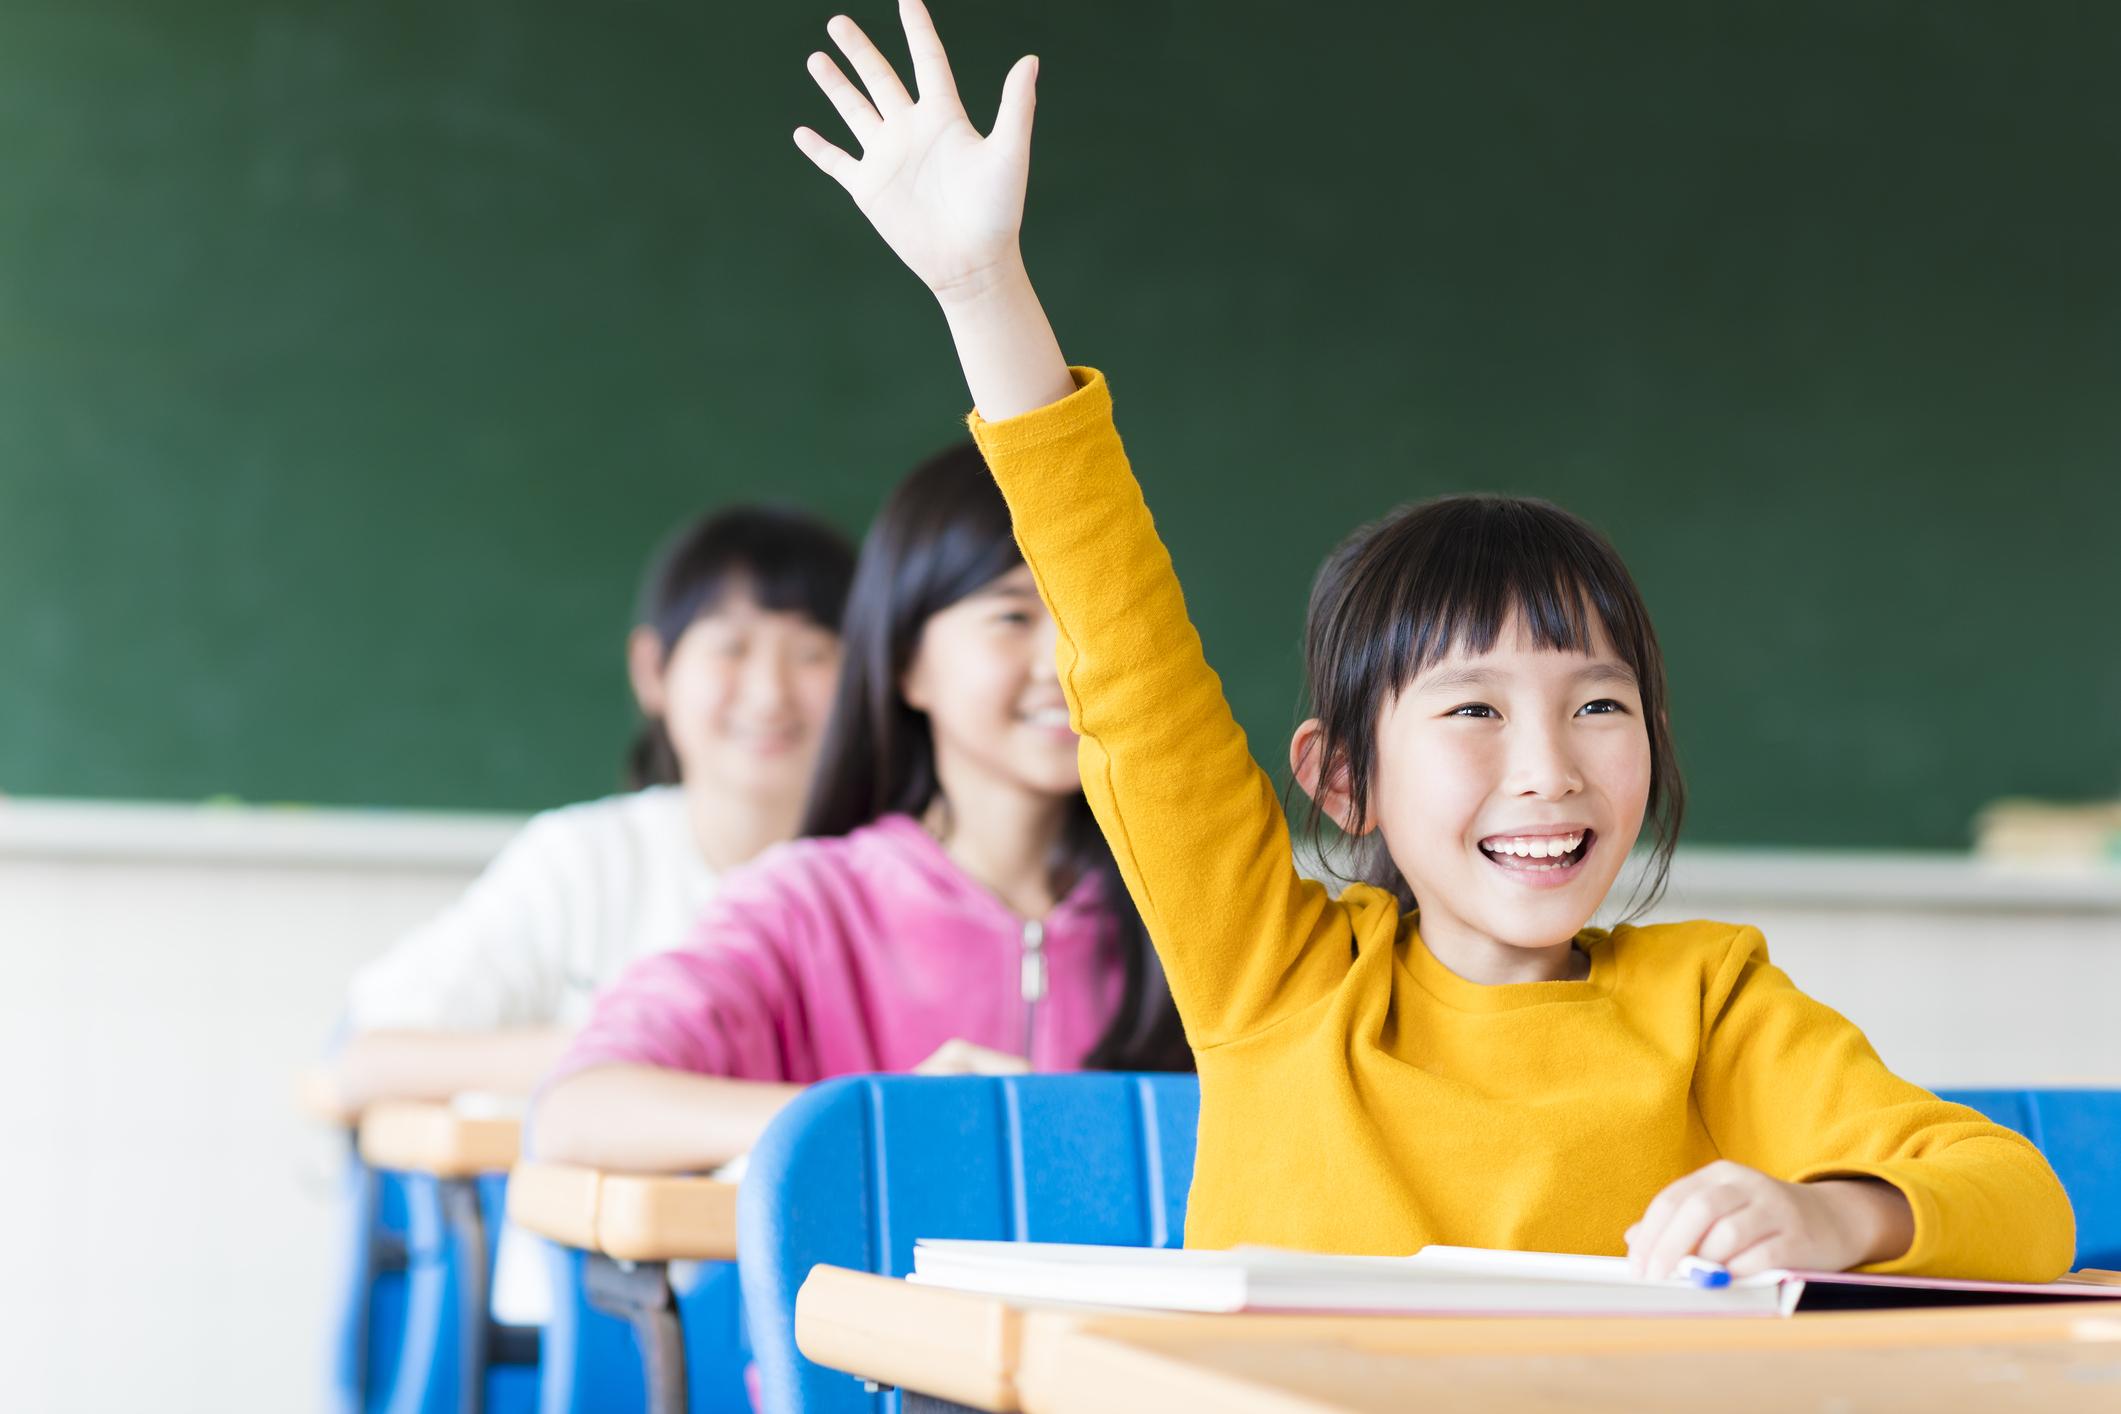 An Asian girl raising her hand in a classroom